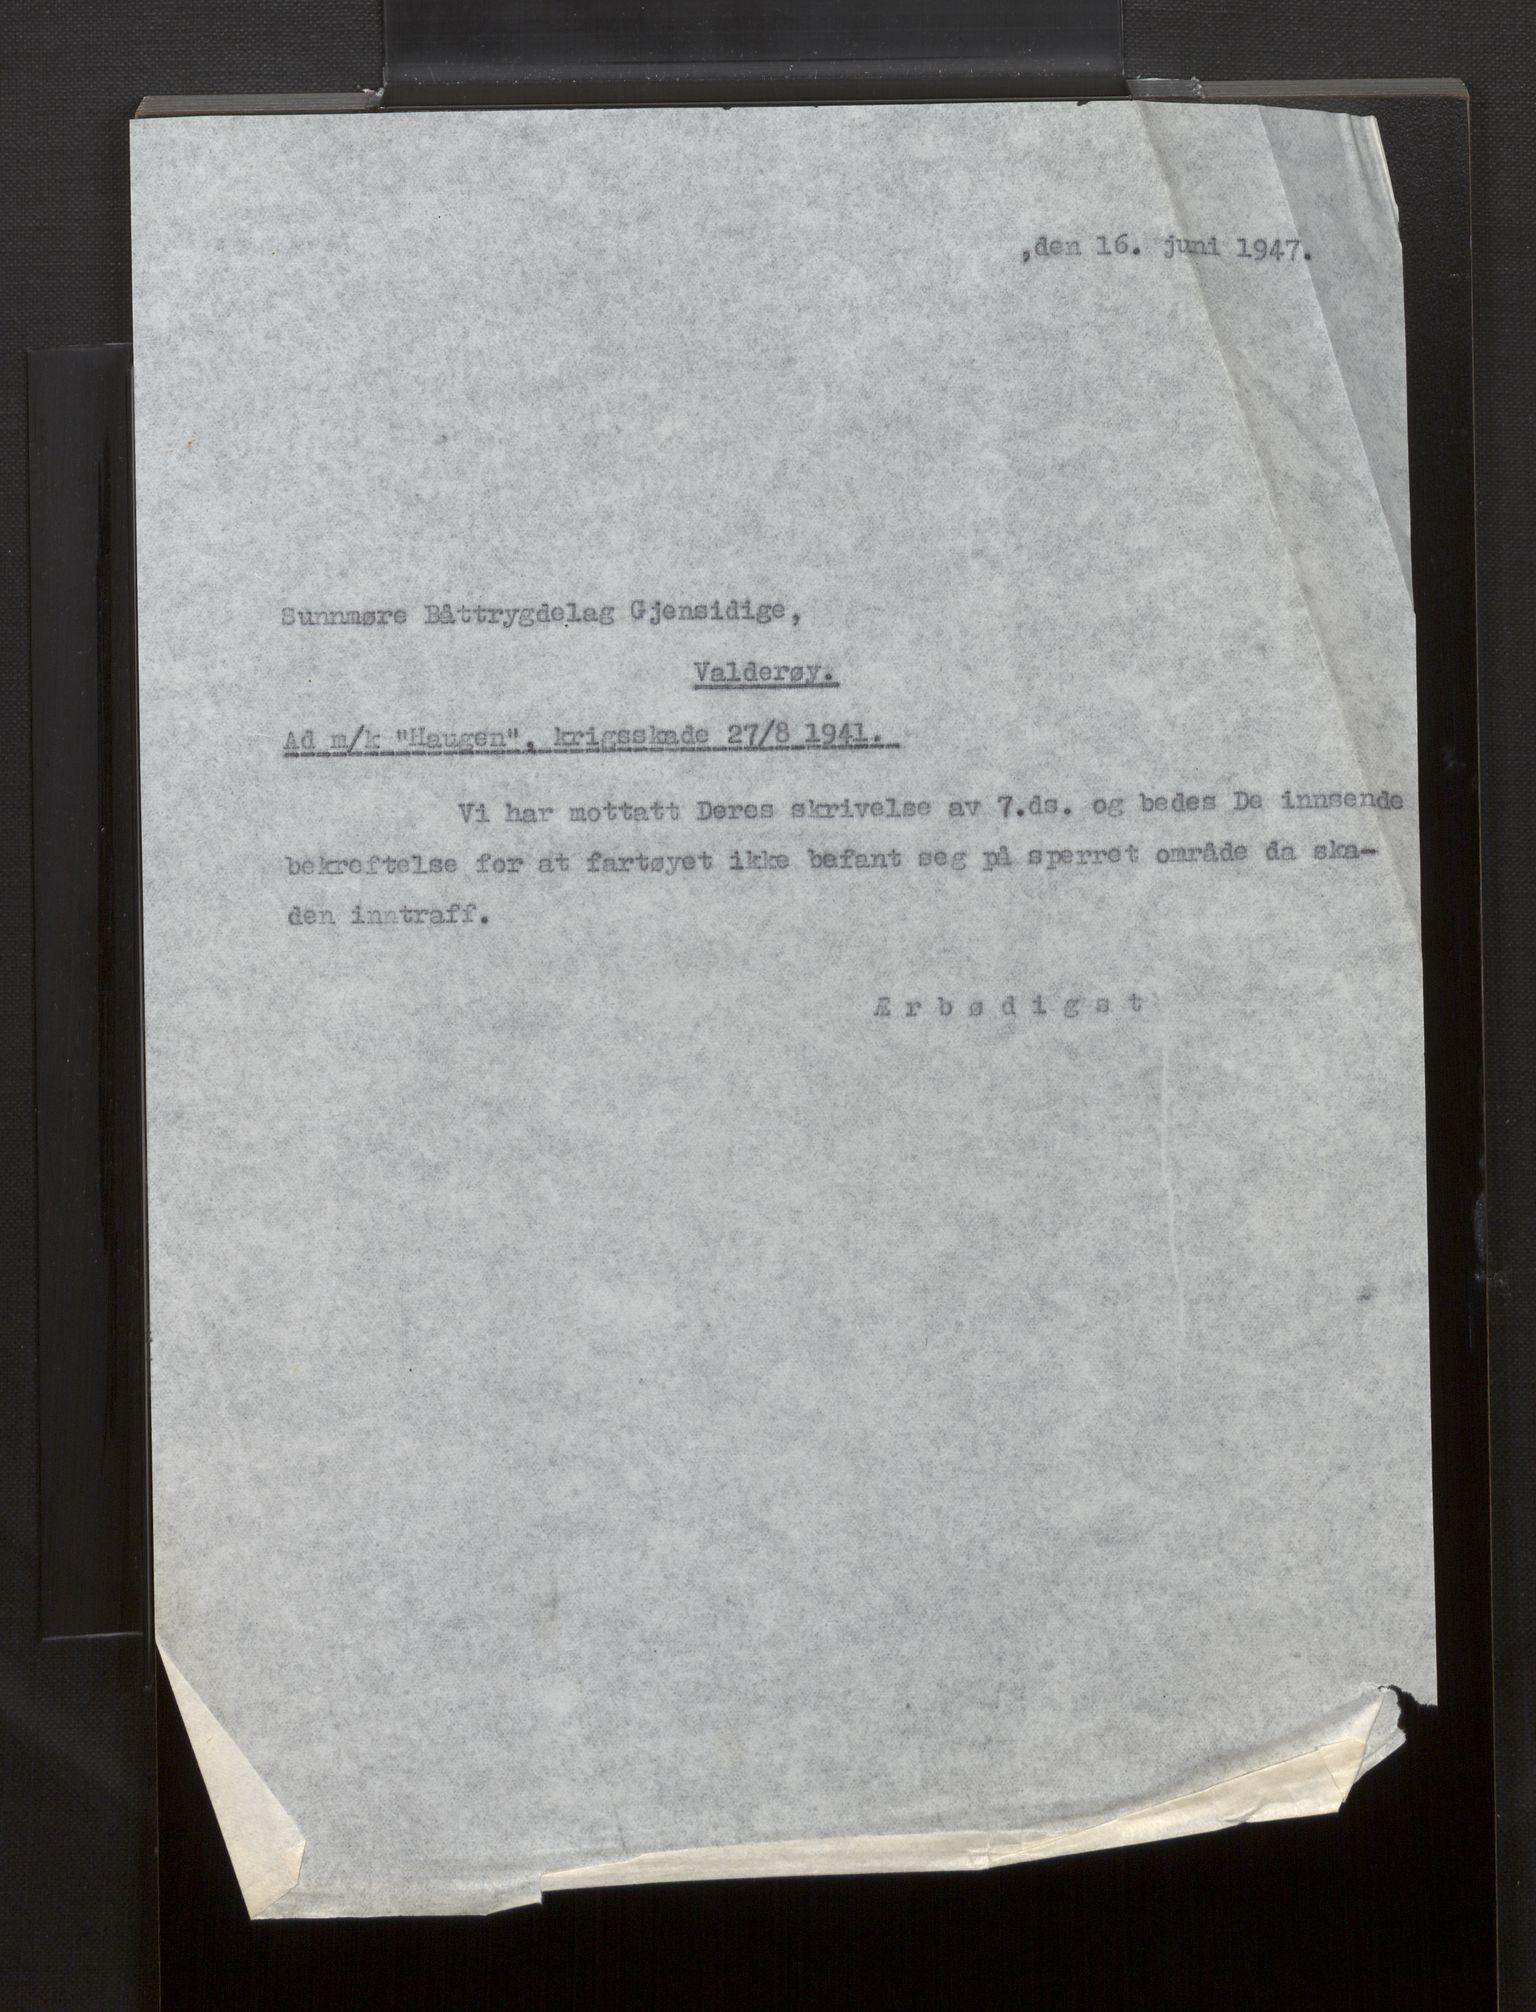 SAB, Fiskeridirektoratet - 1 Adm. ledelse - 13 Båtkontoret, La/L0042: Statens krigsforsikring for fiskeflåten, 1936-1971, s. 803